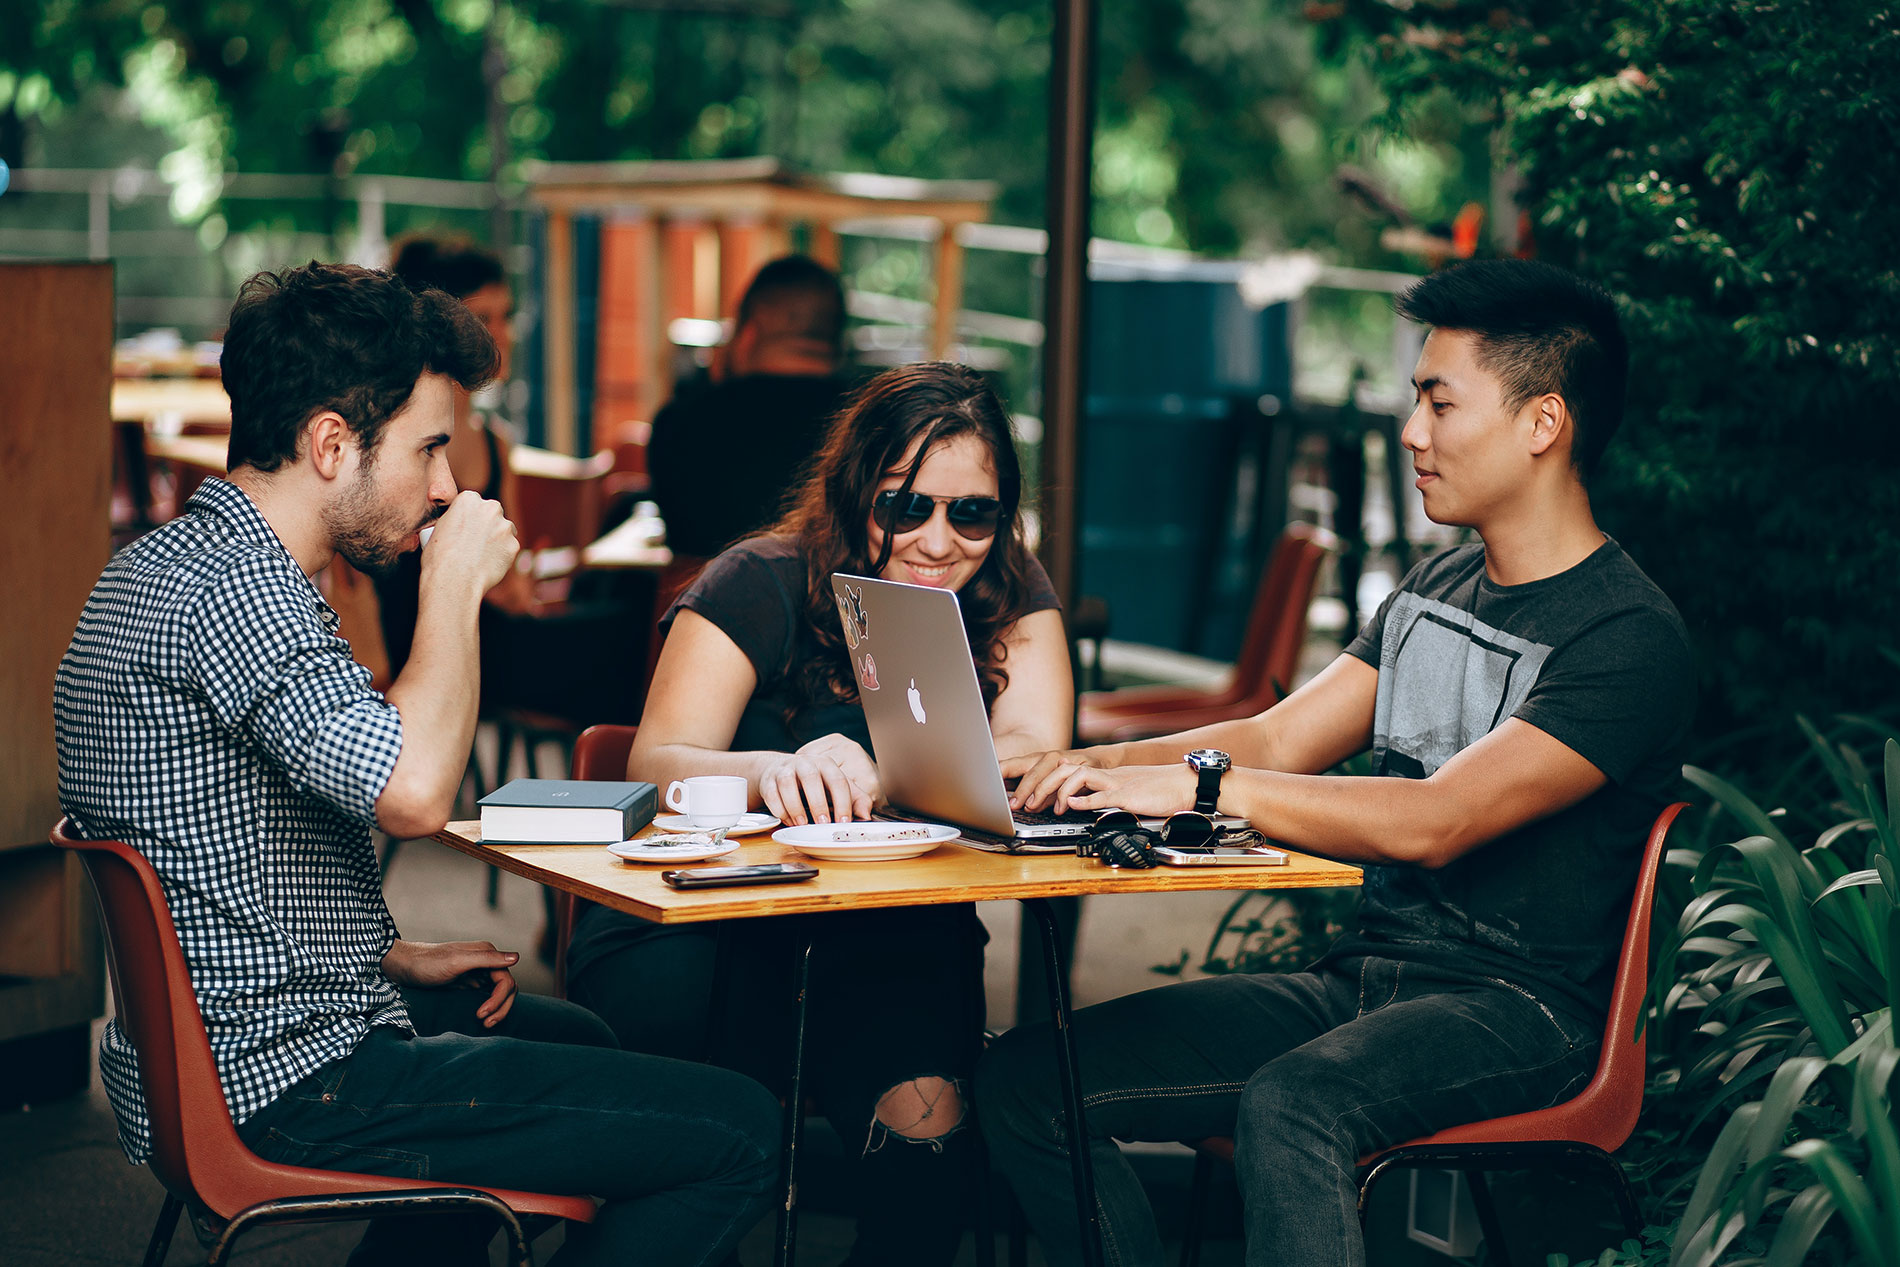 Understanding the Millennial Experience